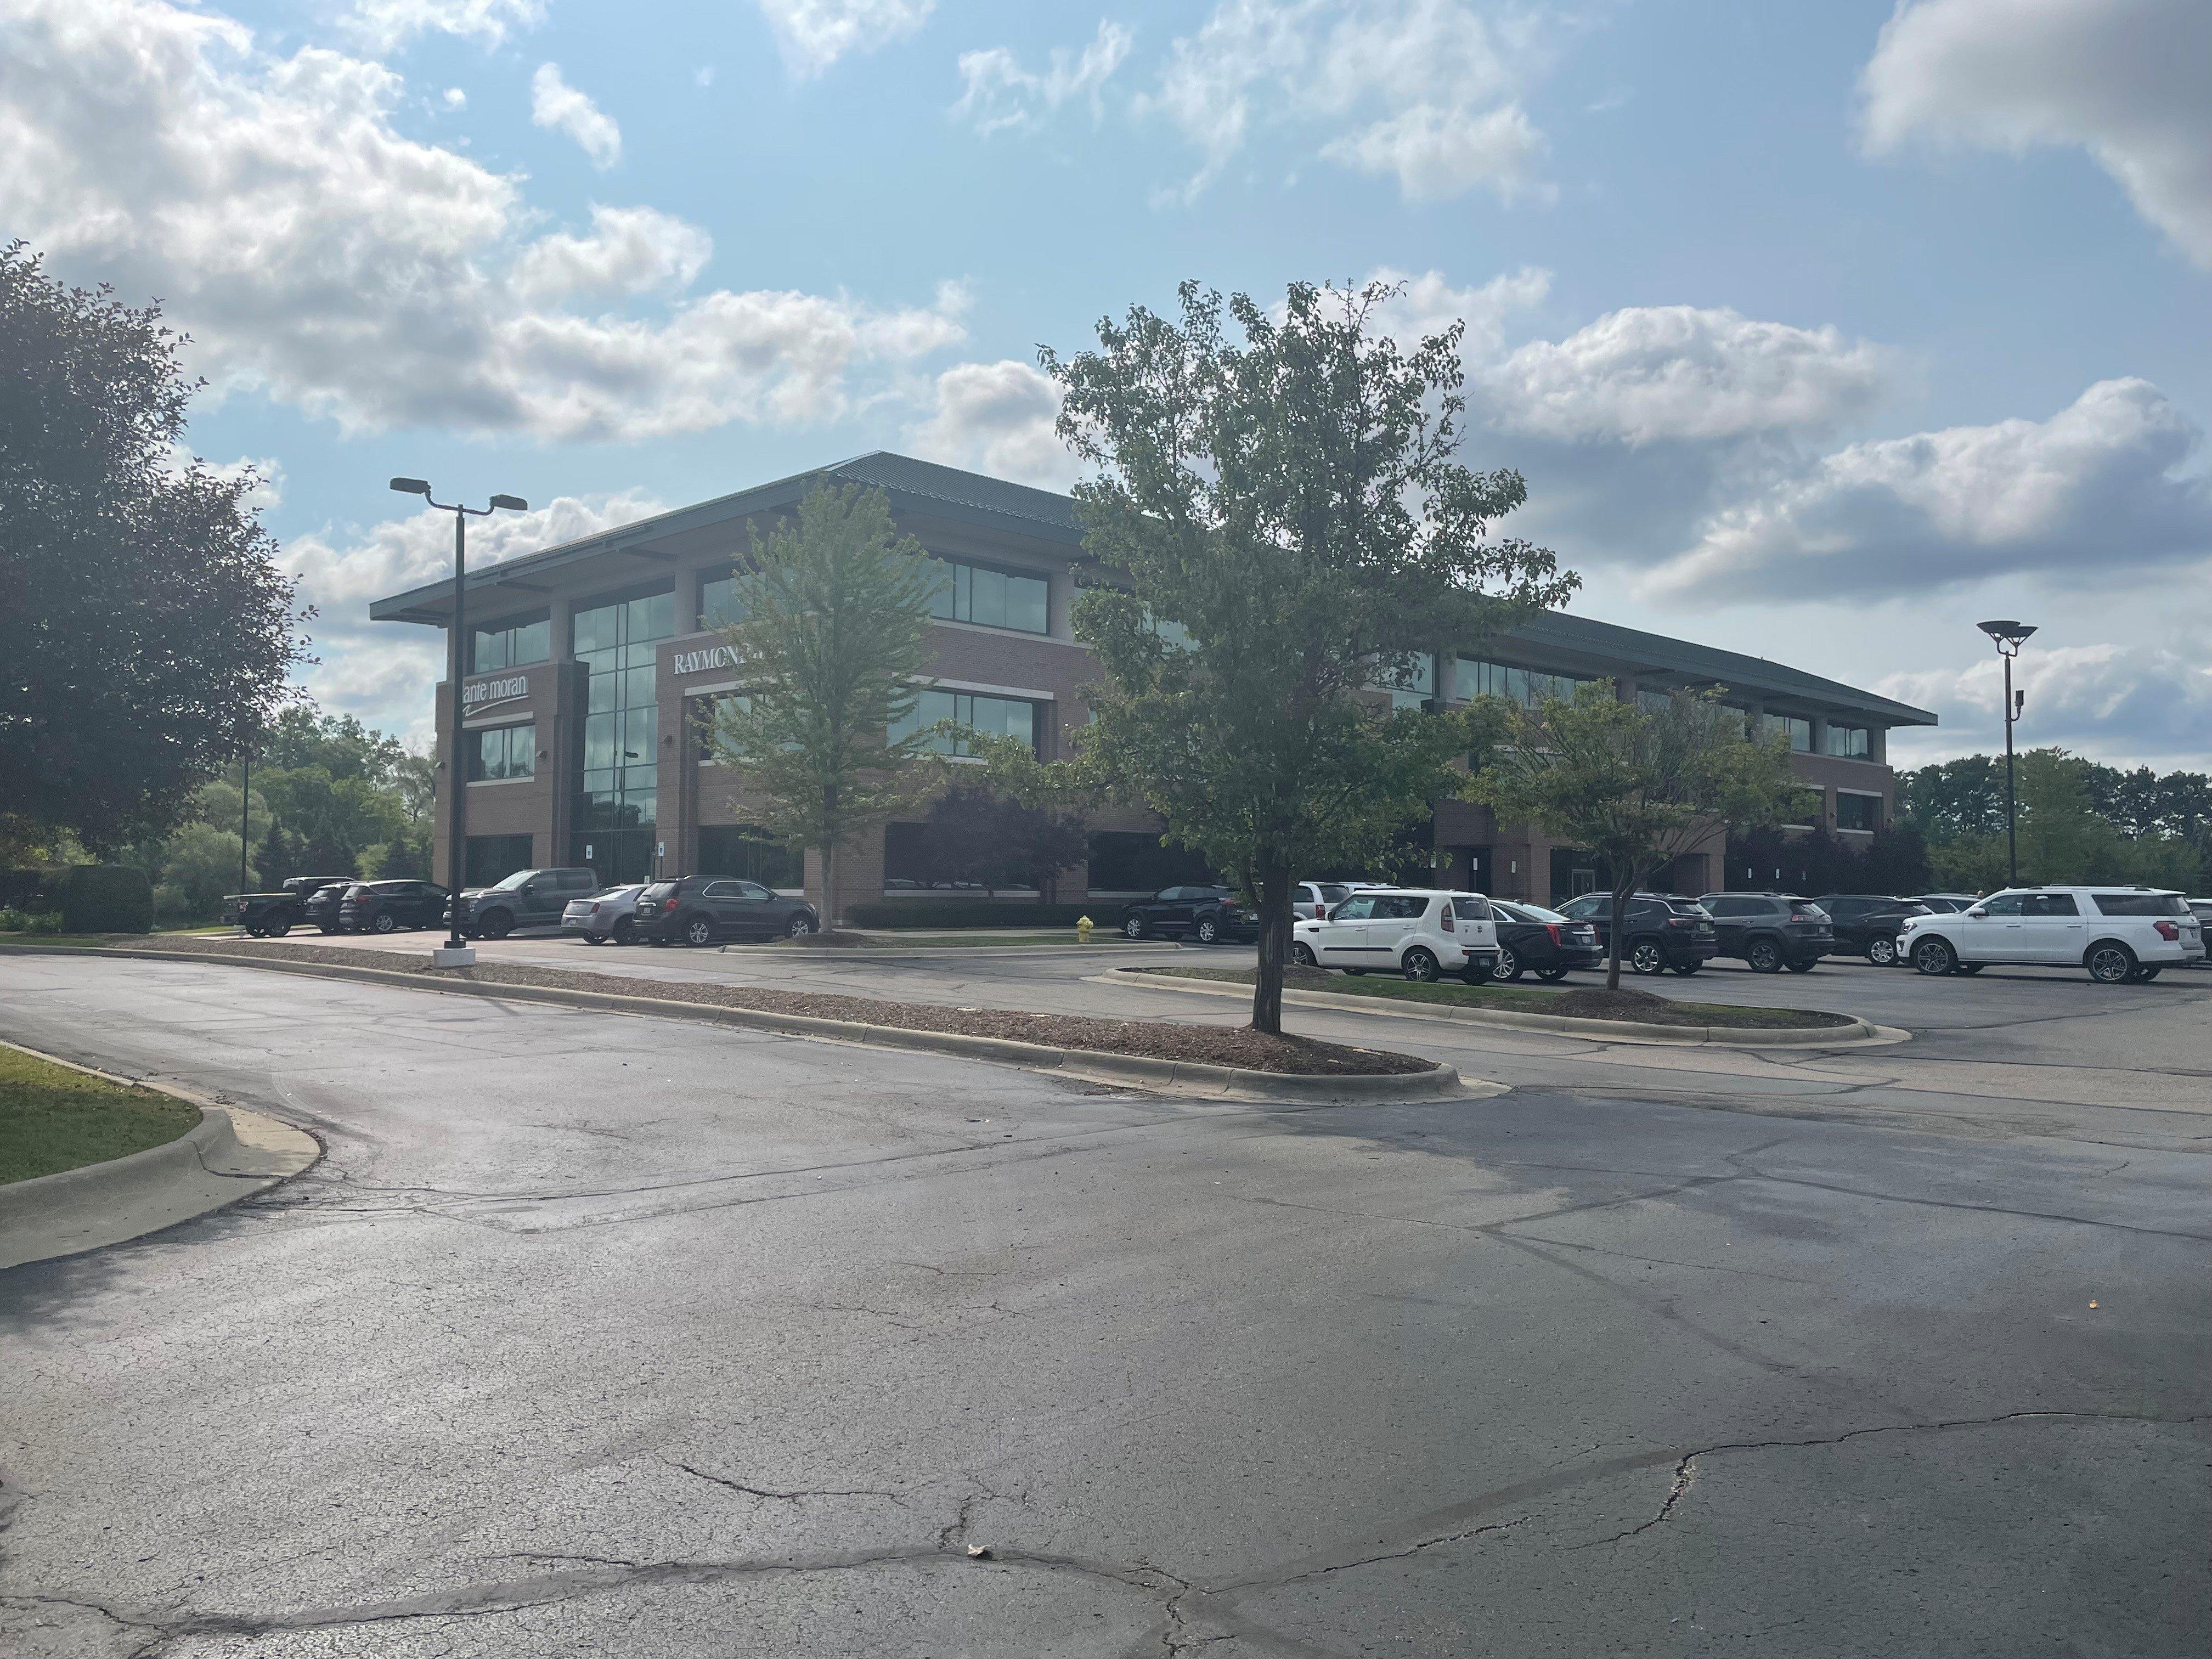 Clinton Township Commercial Loan Center